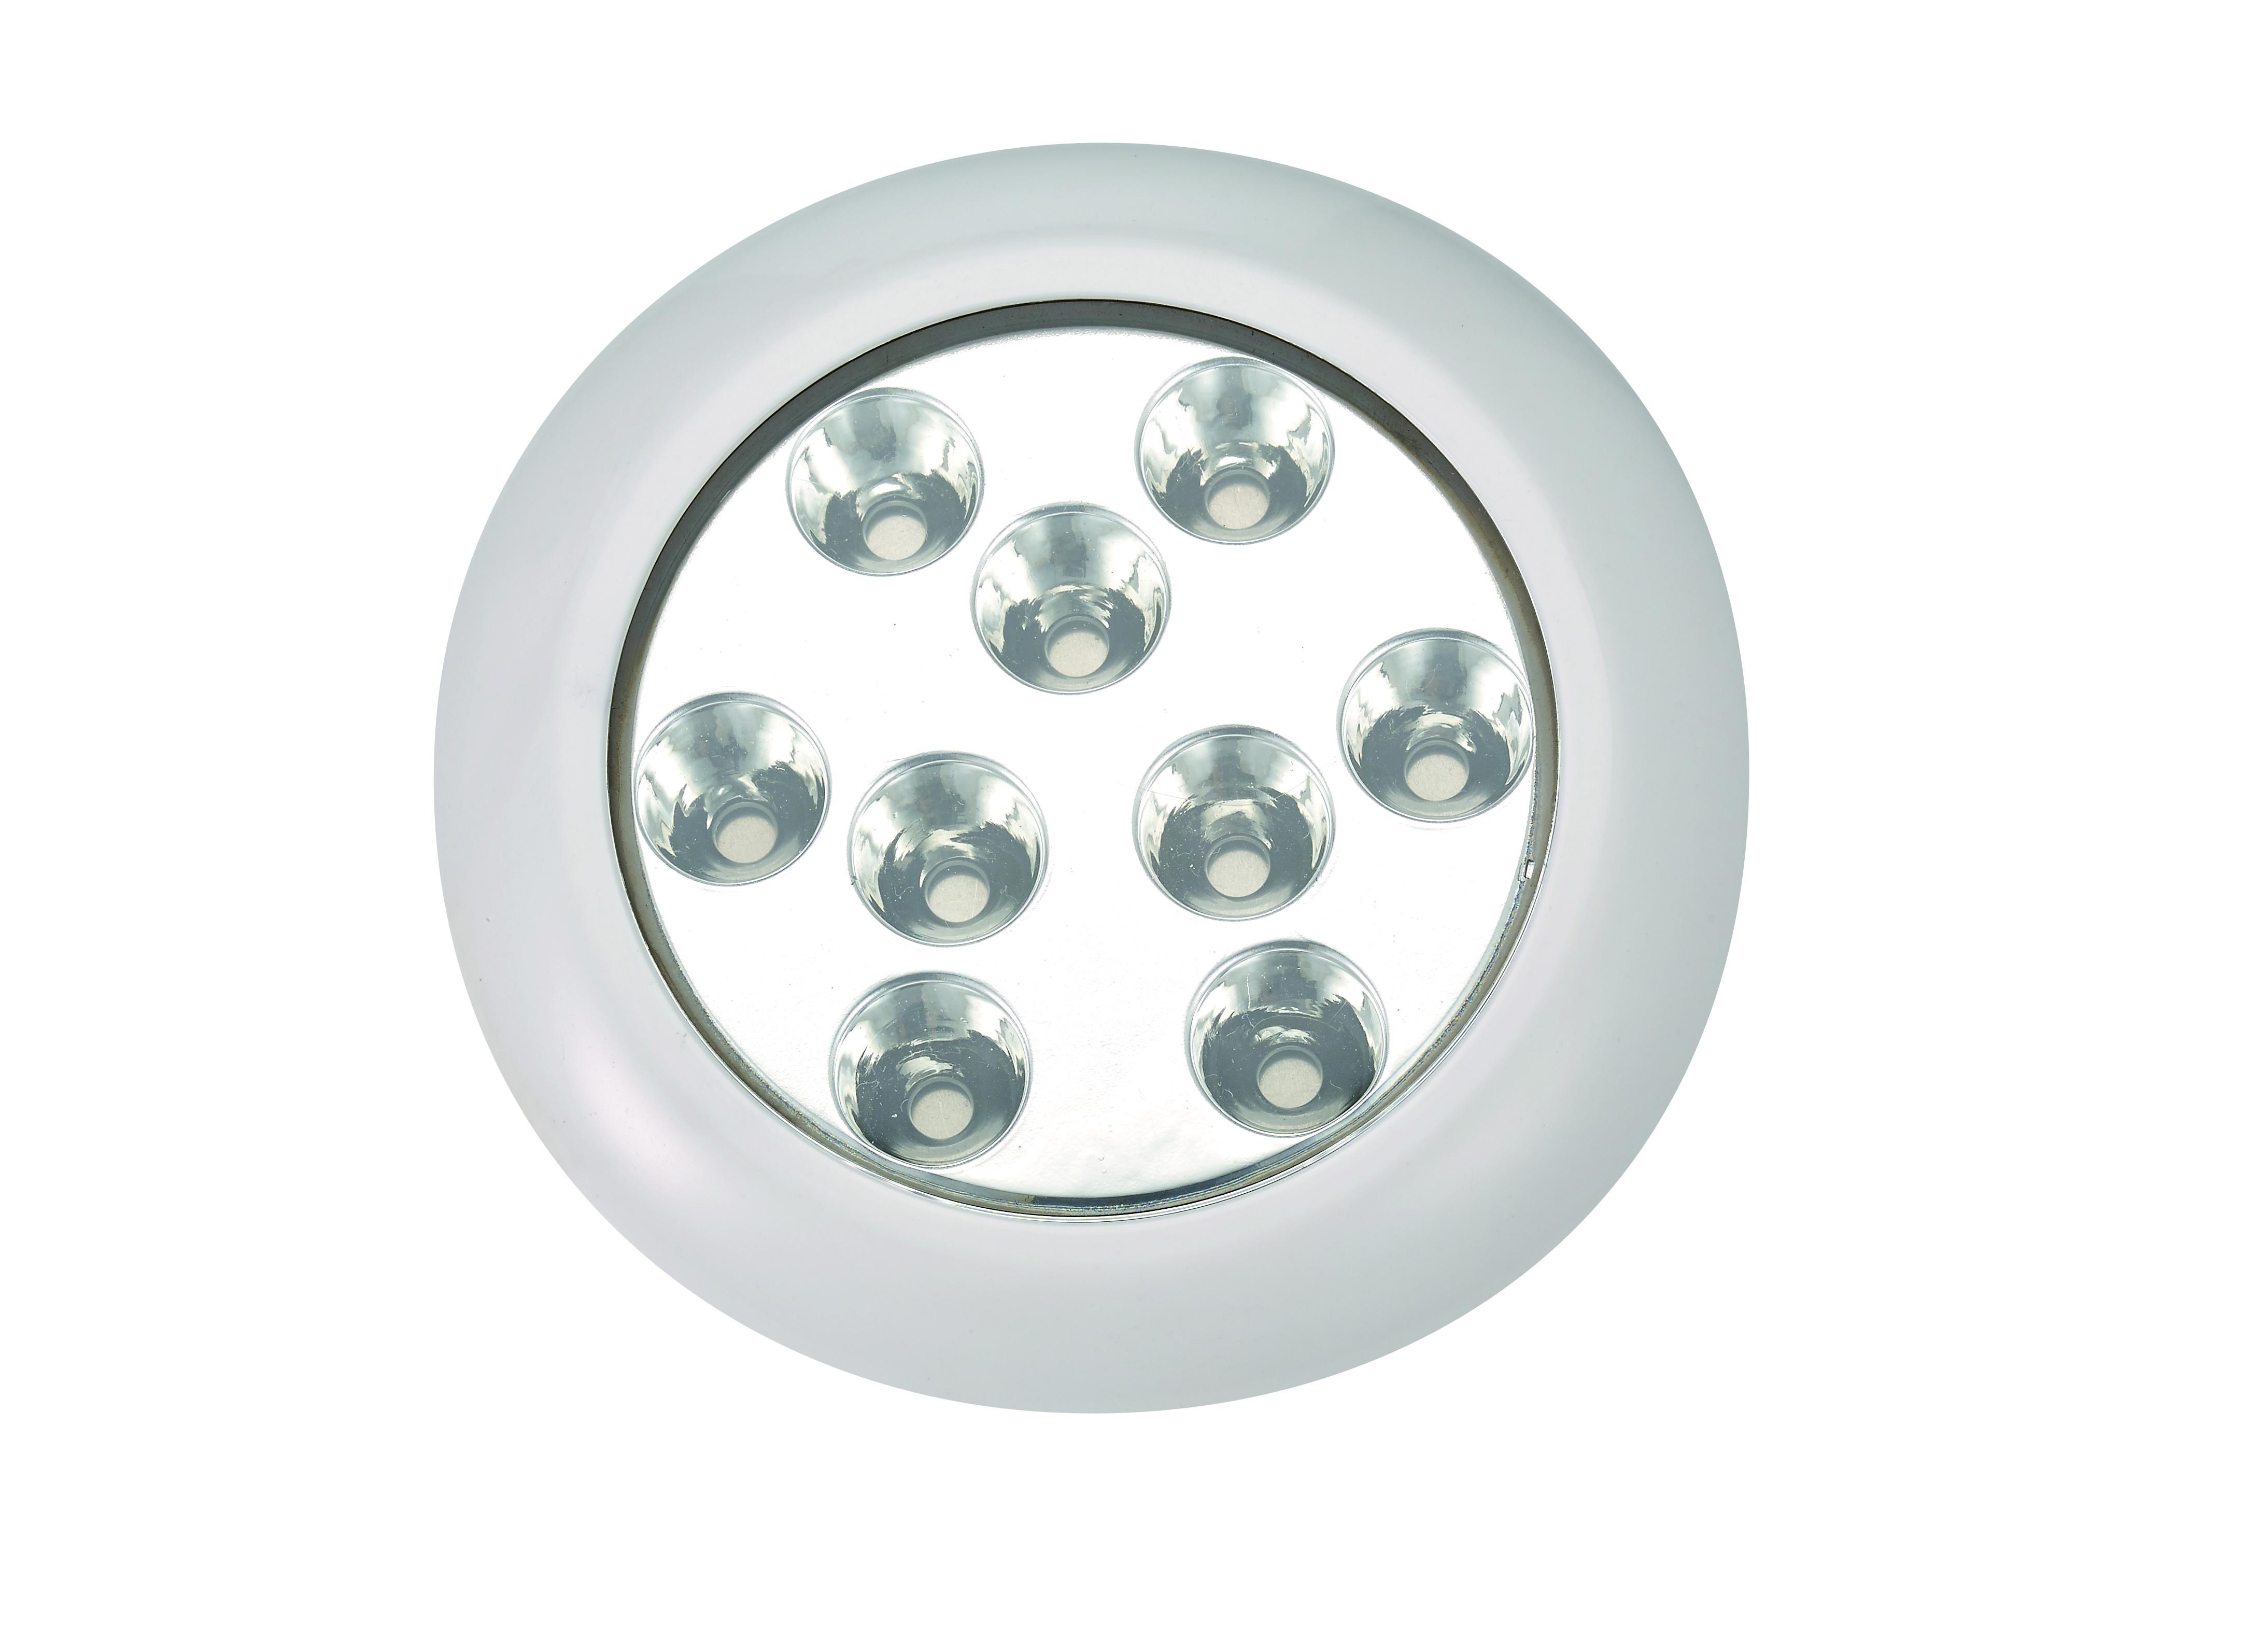 77.08 - Φως LED Αδιάβροχο / Υποβρύχιο IP68 Μπλε